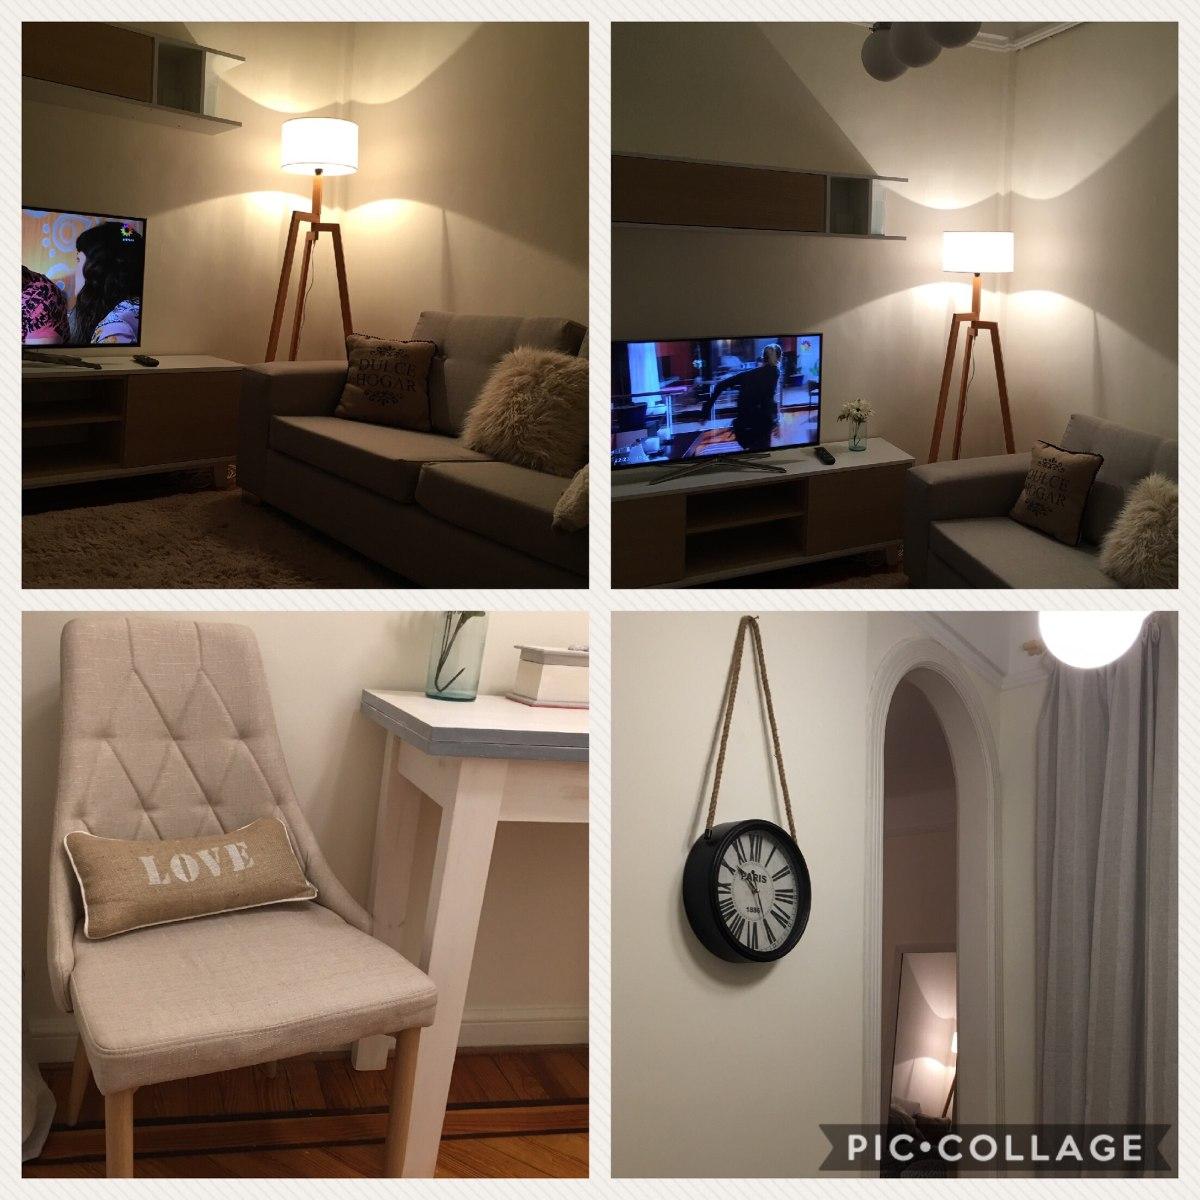 Dise adora de interiores decoradora profesional presencial - Decoradora de interiores ...